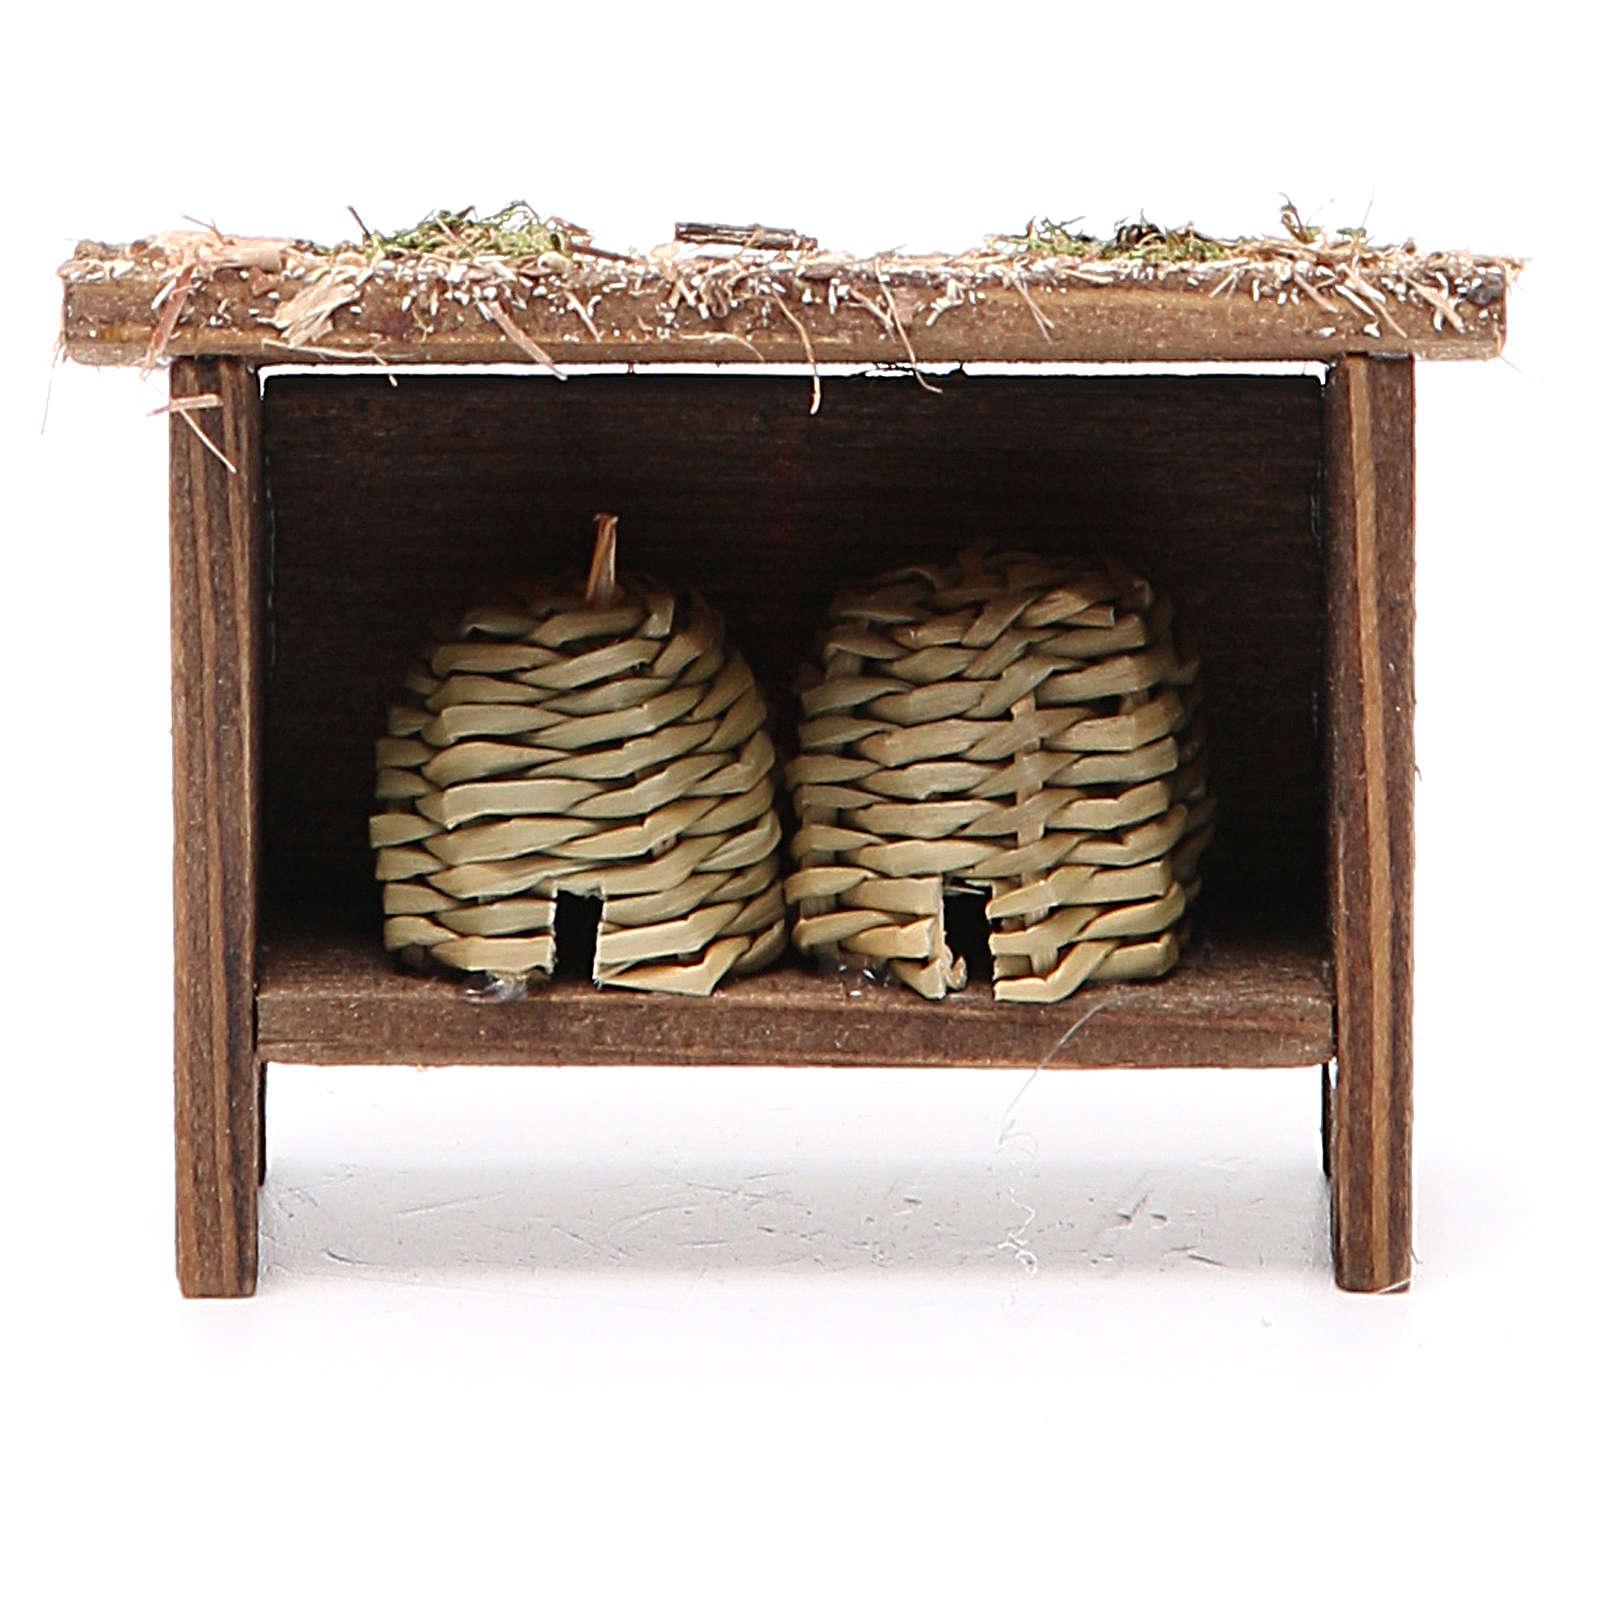 Arnie per api in legno e vimini h. 6x7x3 cm 4